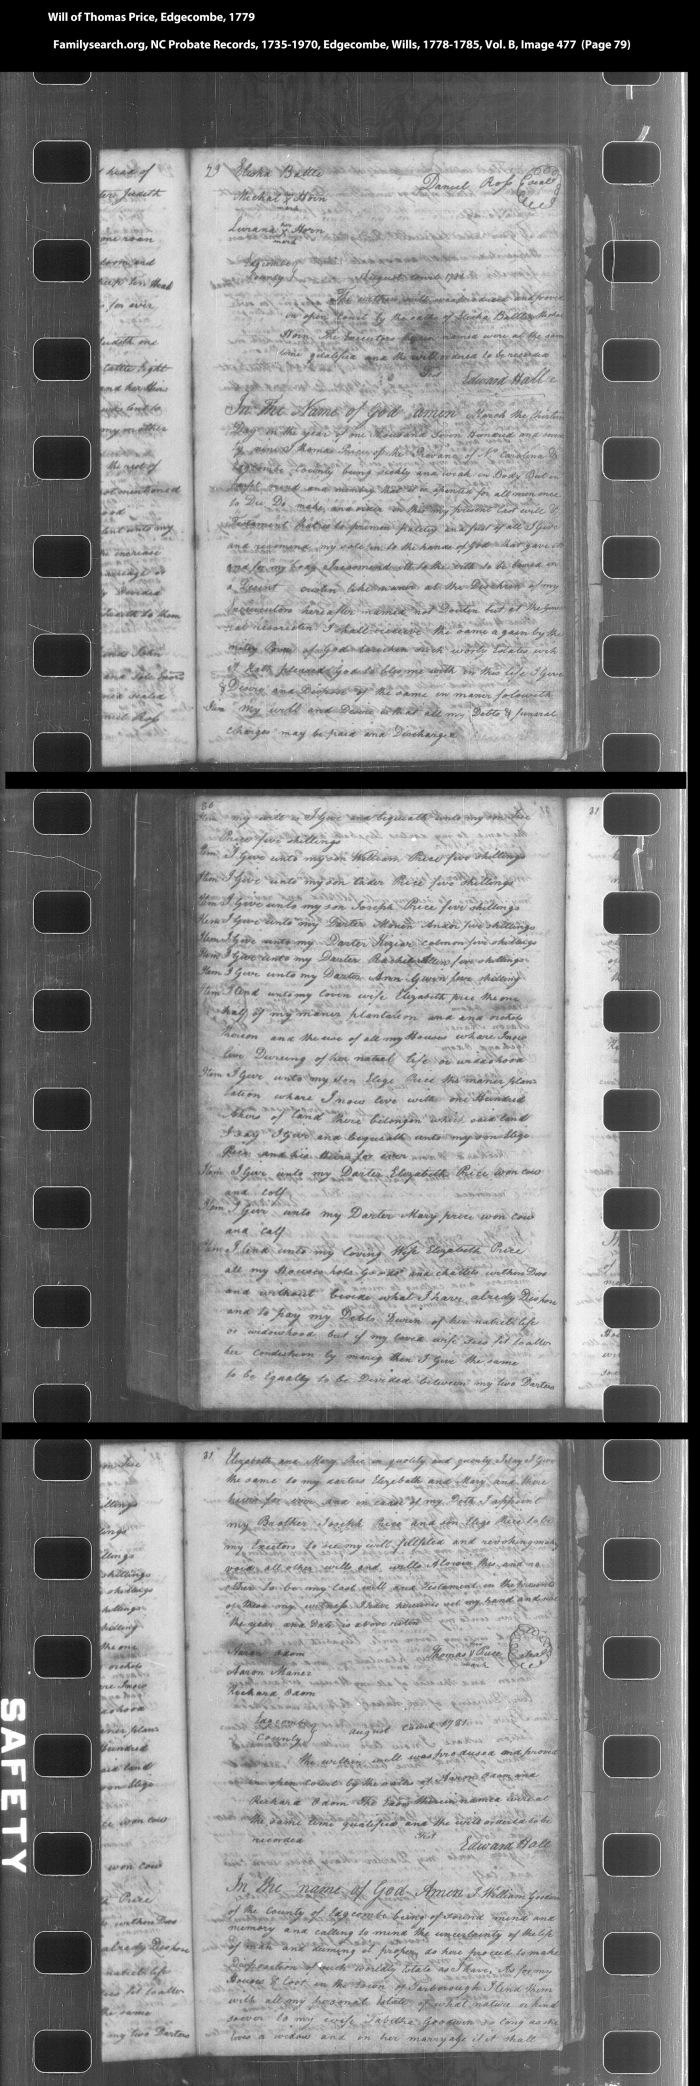 Price_Thomas 1779